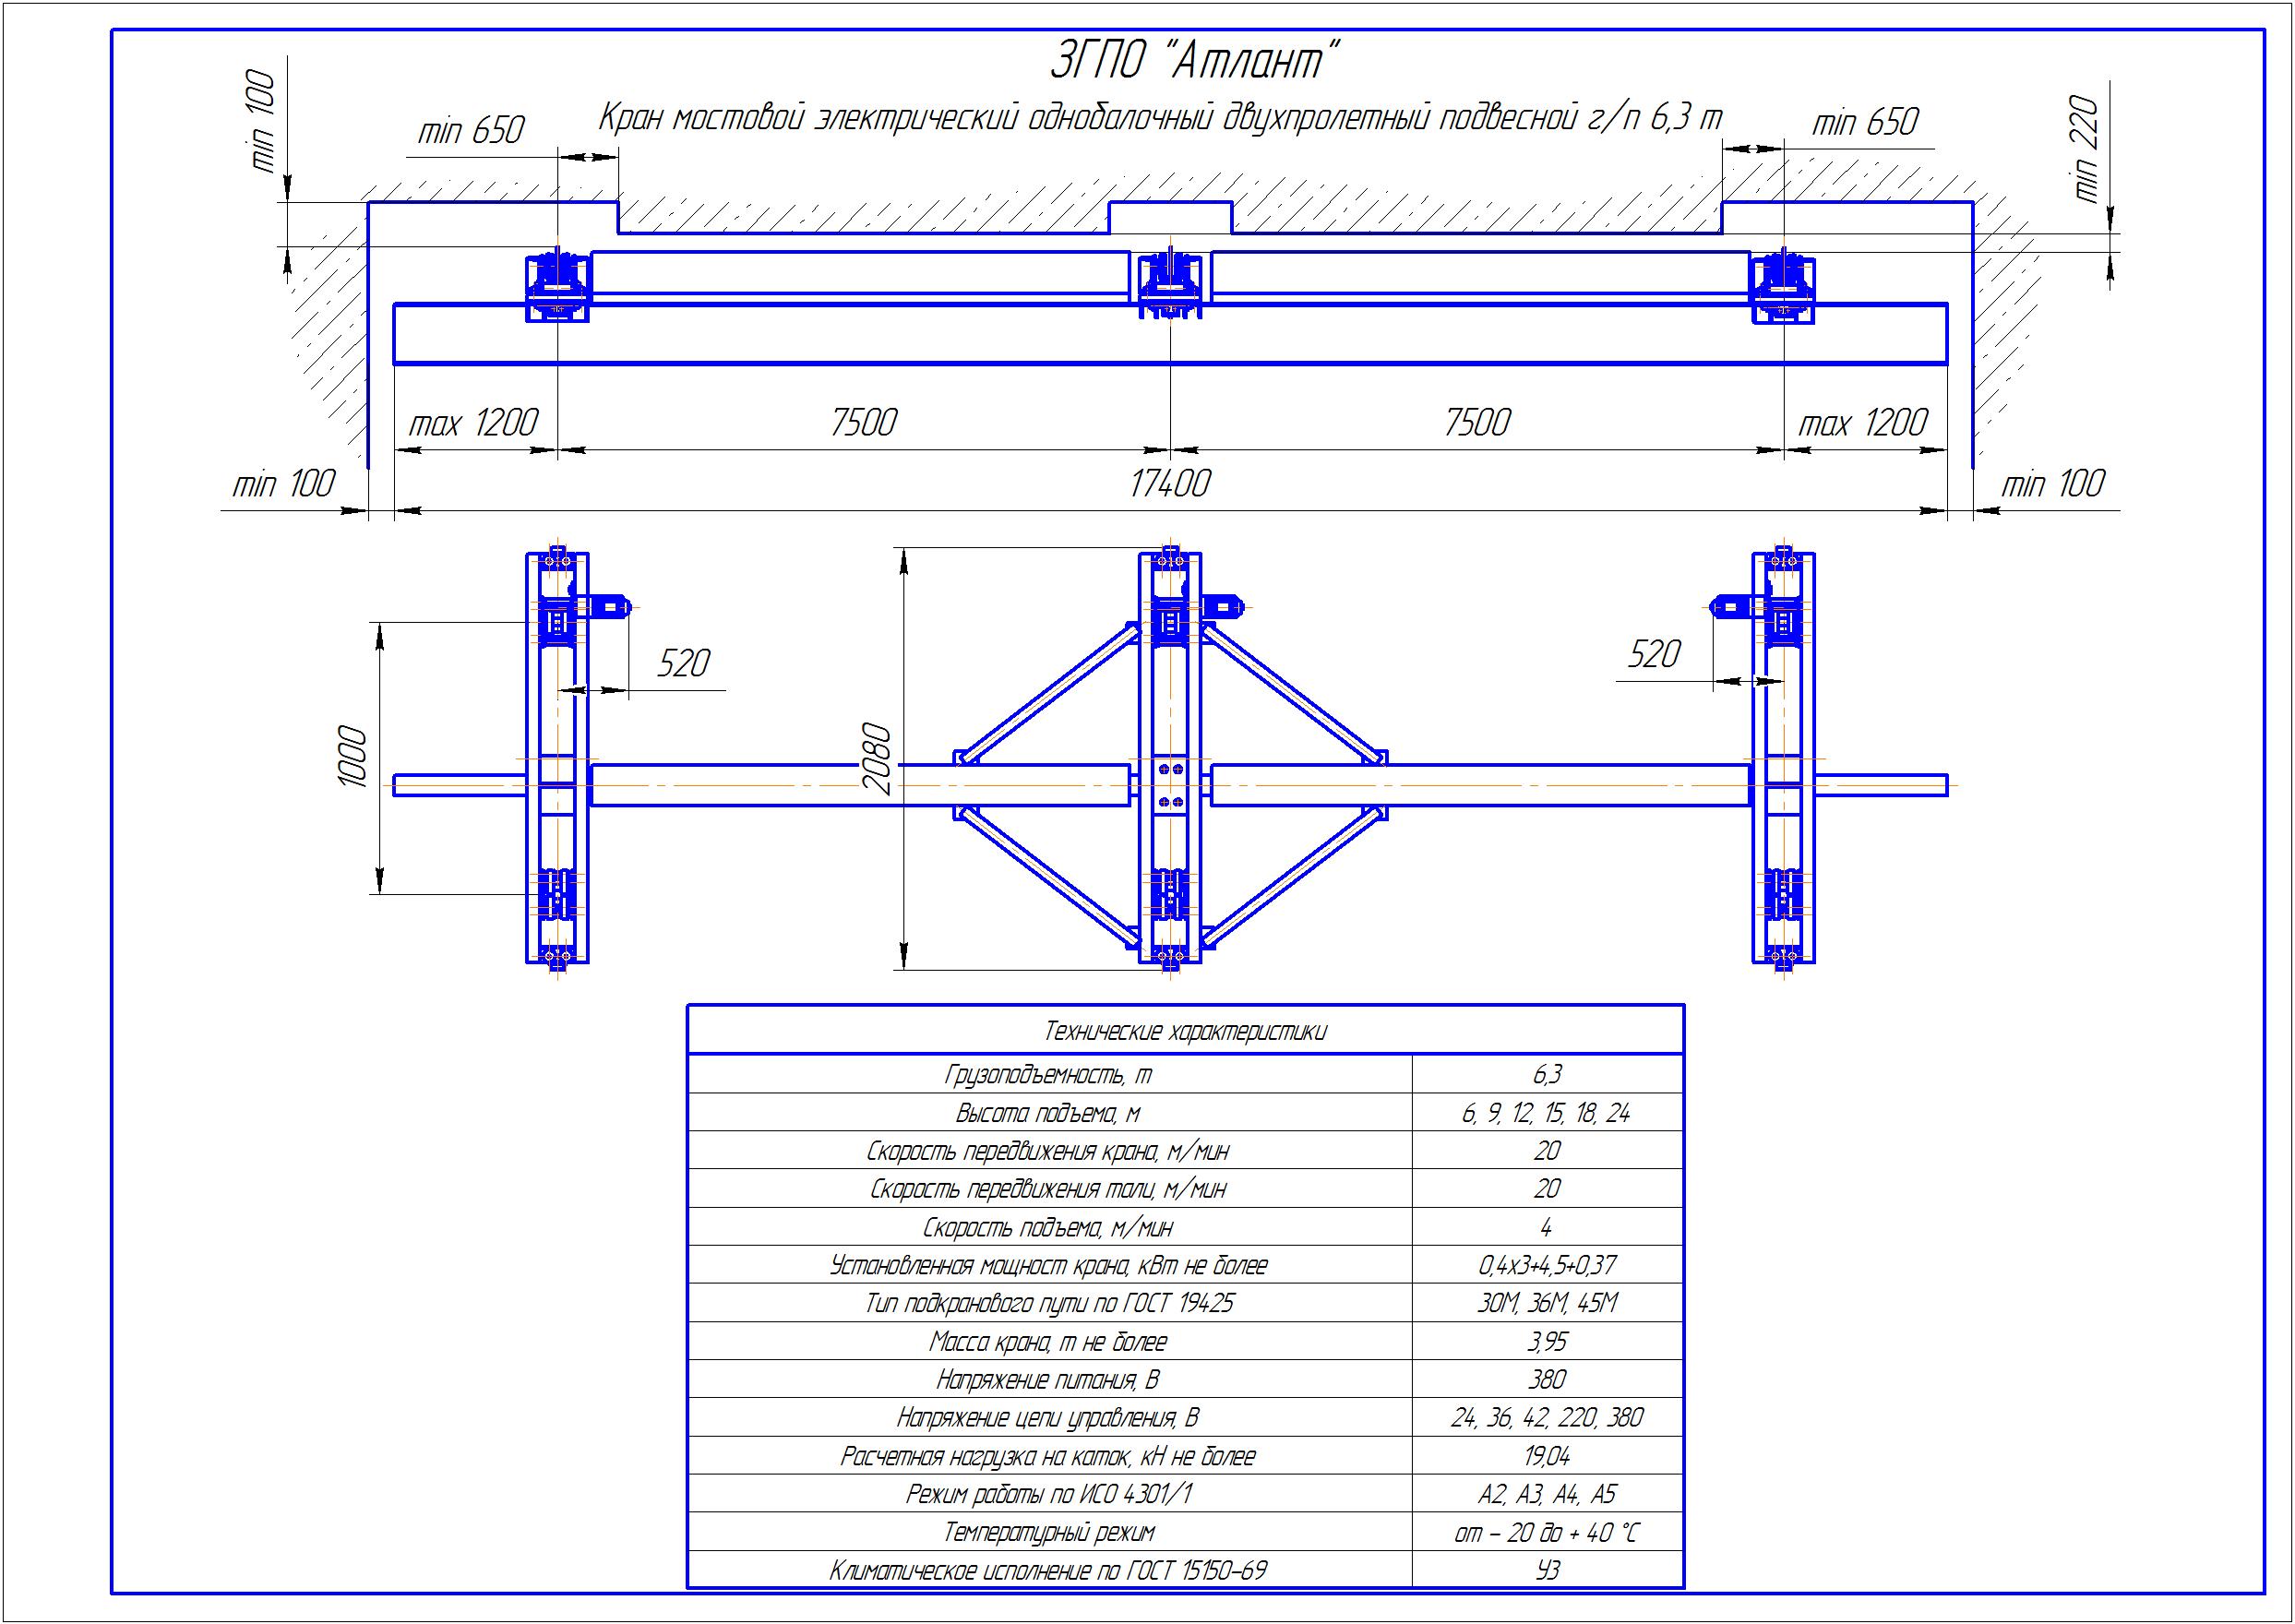 KBPD 5 1 - Подвесная кран балка двухпролетная